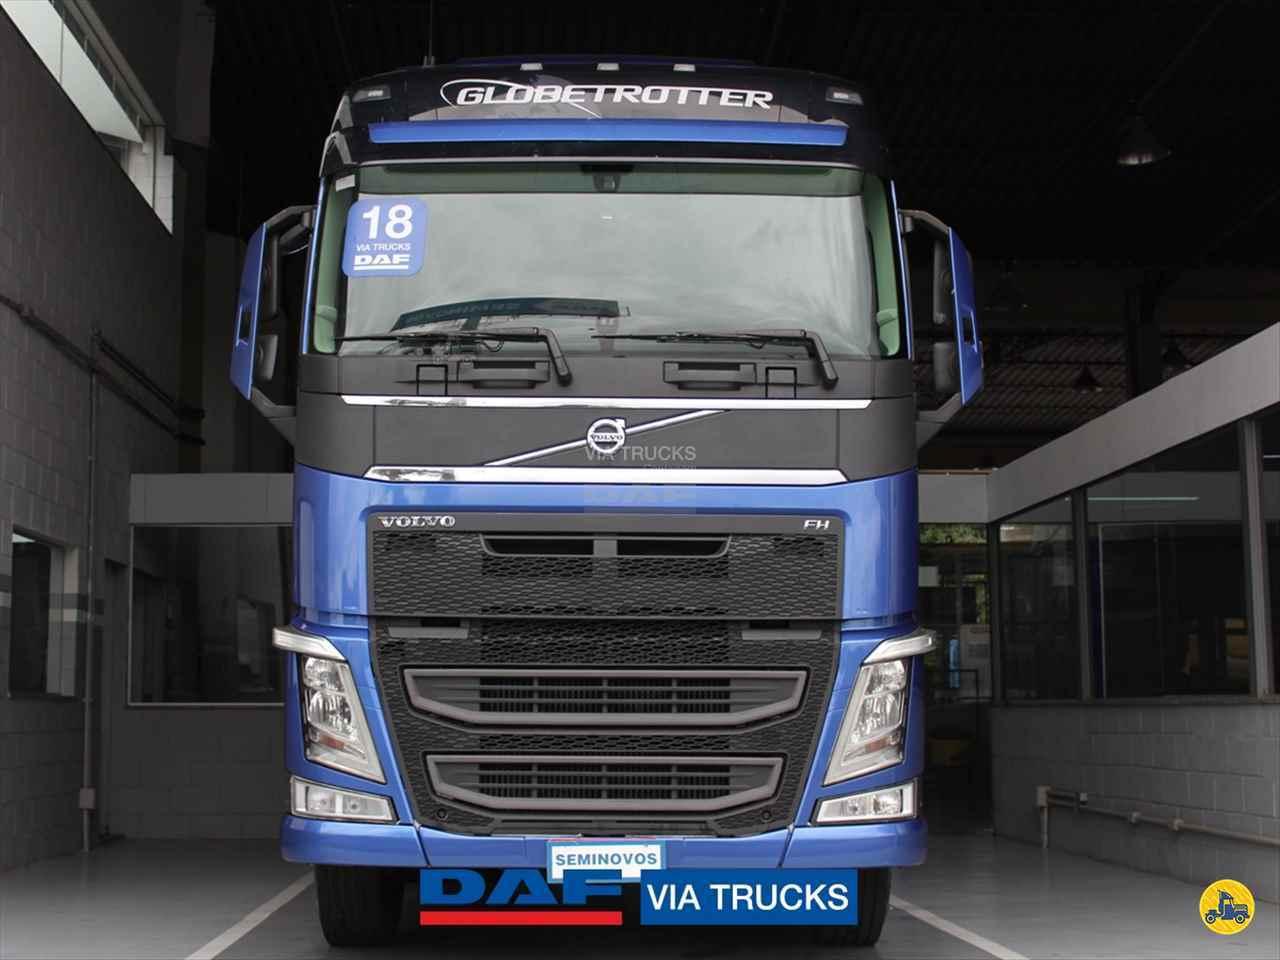 CAMINHAO VOLVO VOLVO FH 460 Chassis Truck 6x2 Via Trucks - DAF CONTAGEM MINAS GERAIS MG